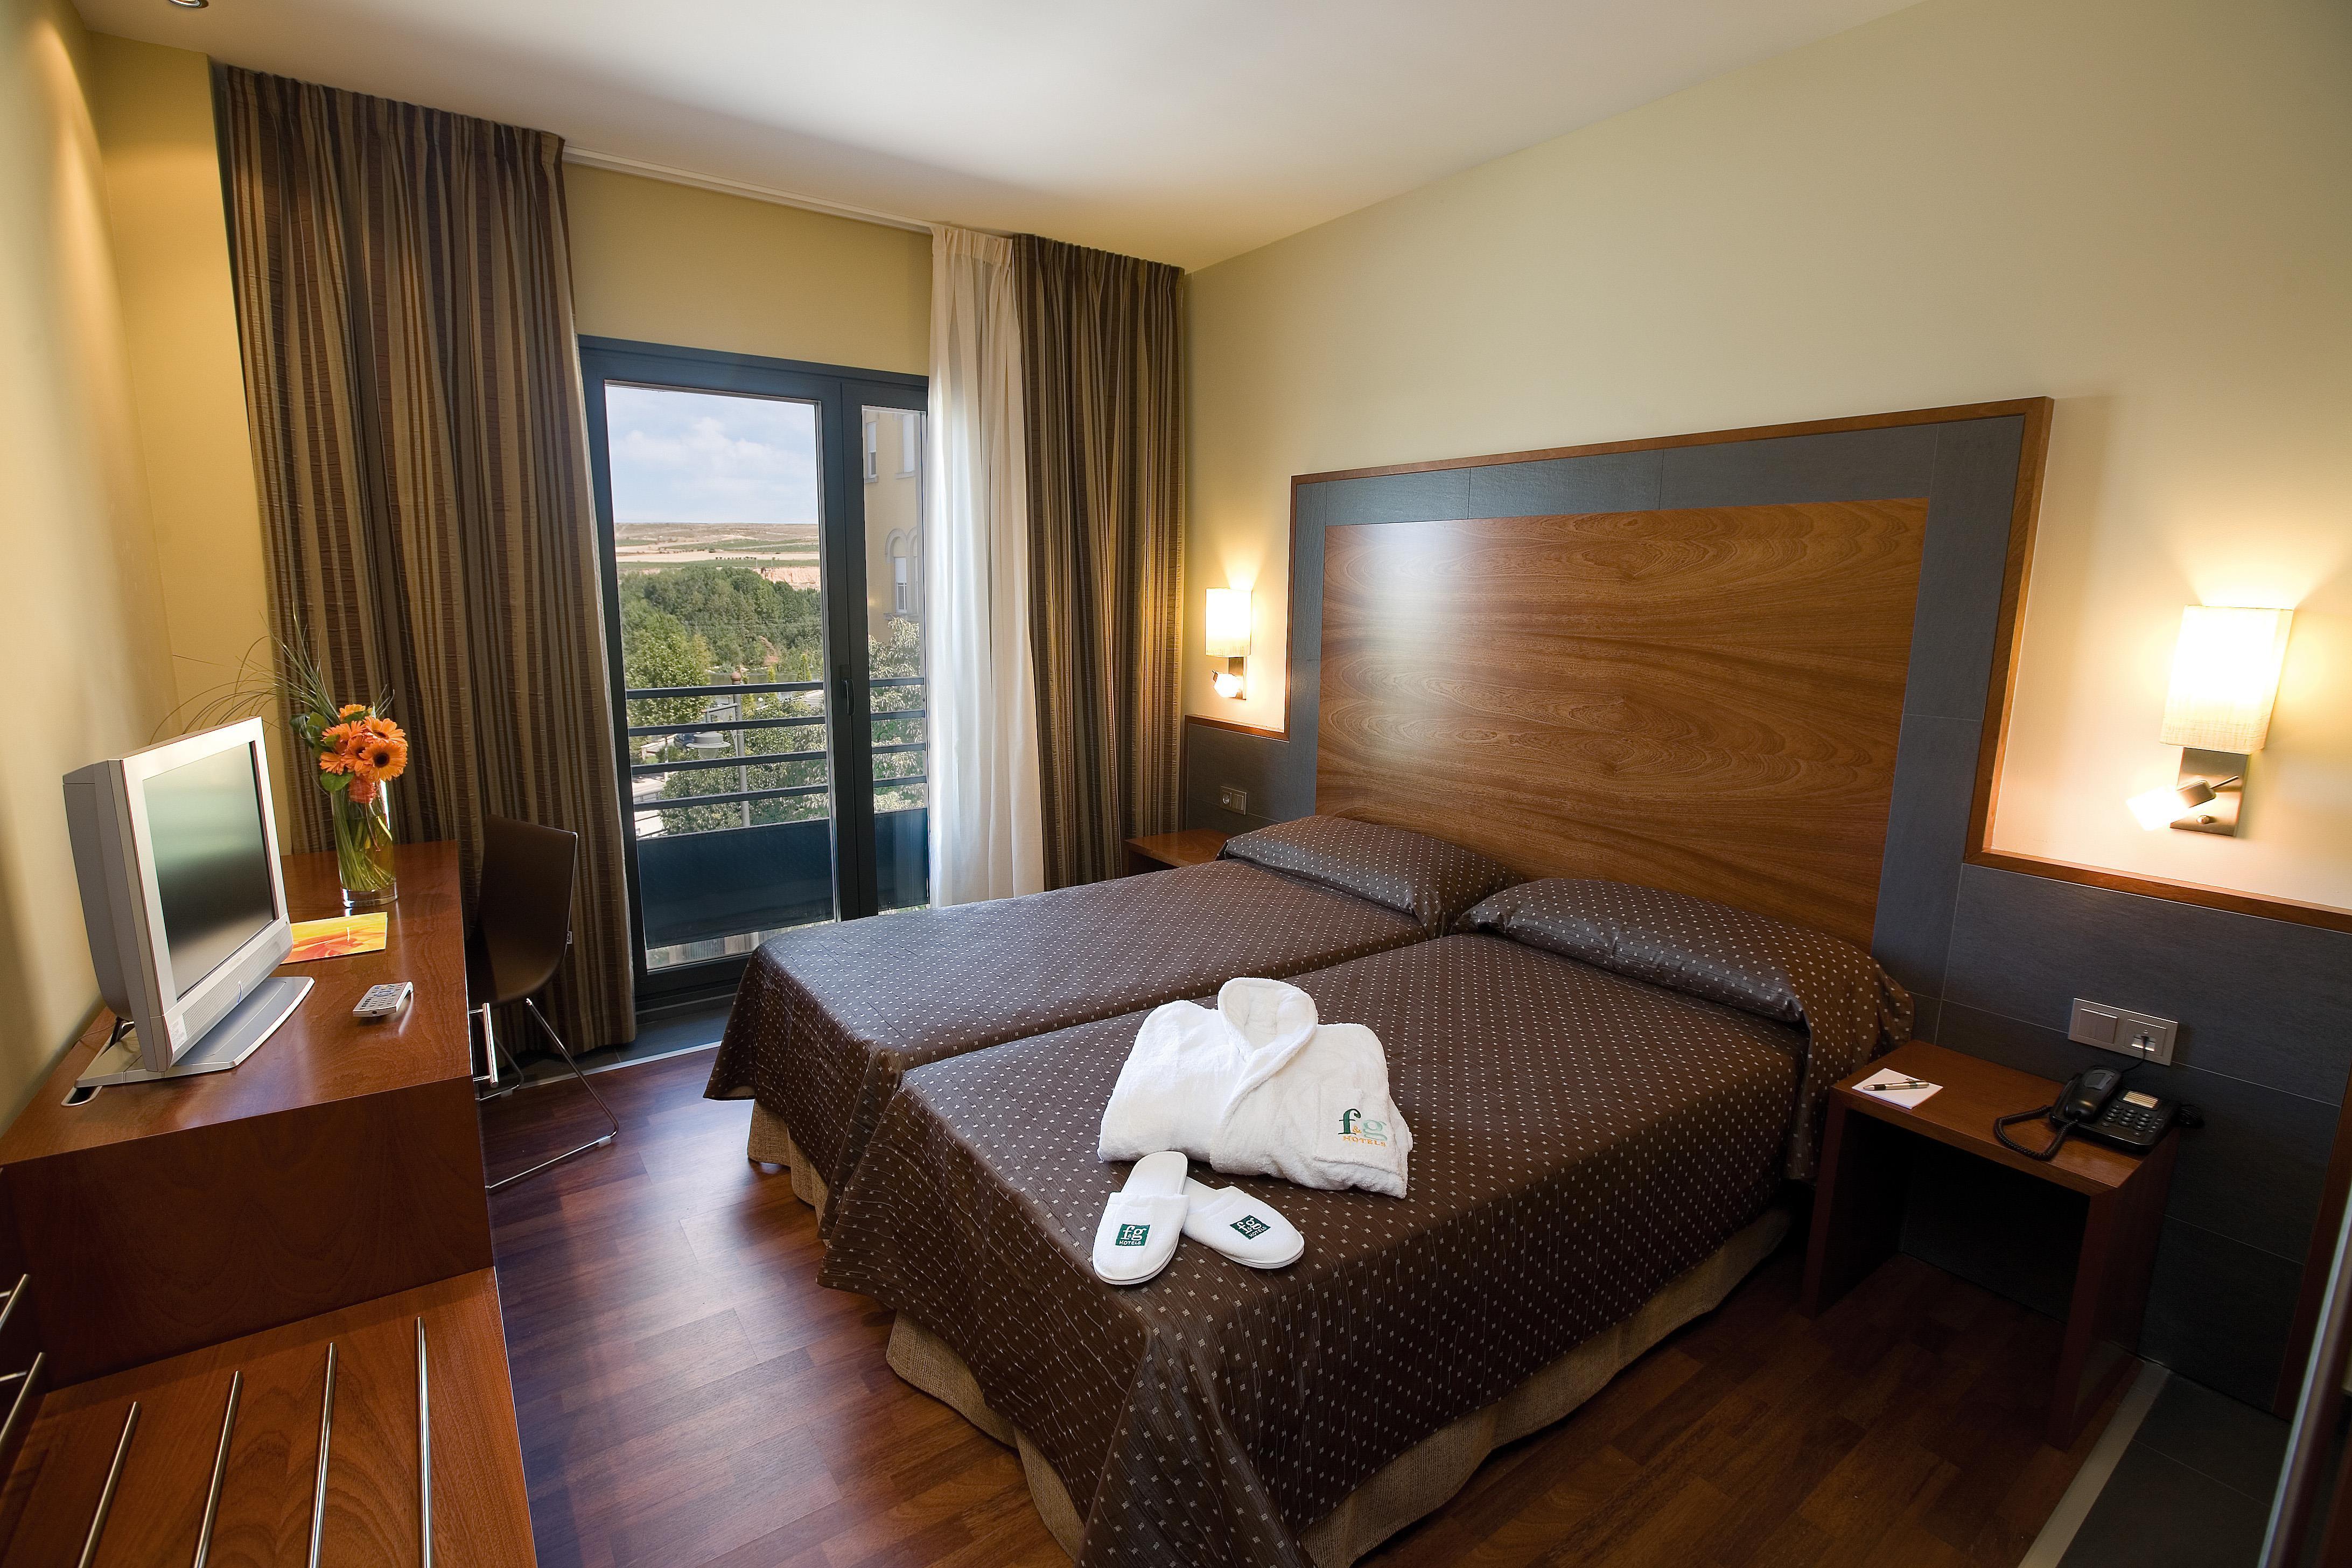 Hotel f g logro o alojamientos la rioja turismo for Hotel luxury la rioja